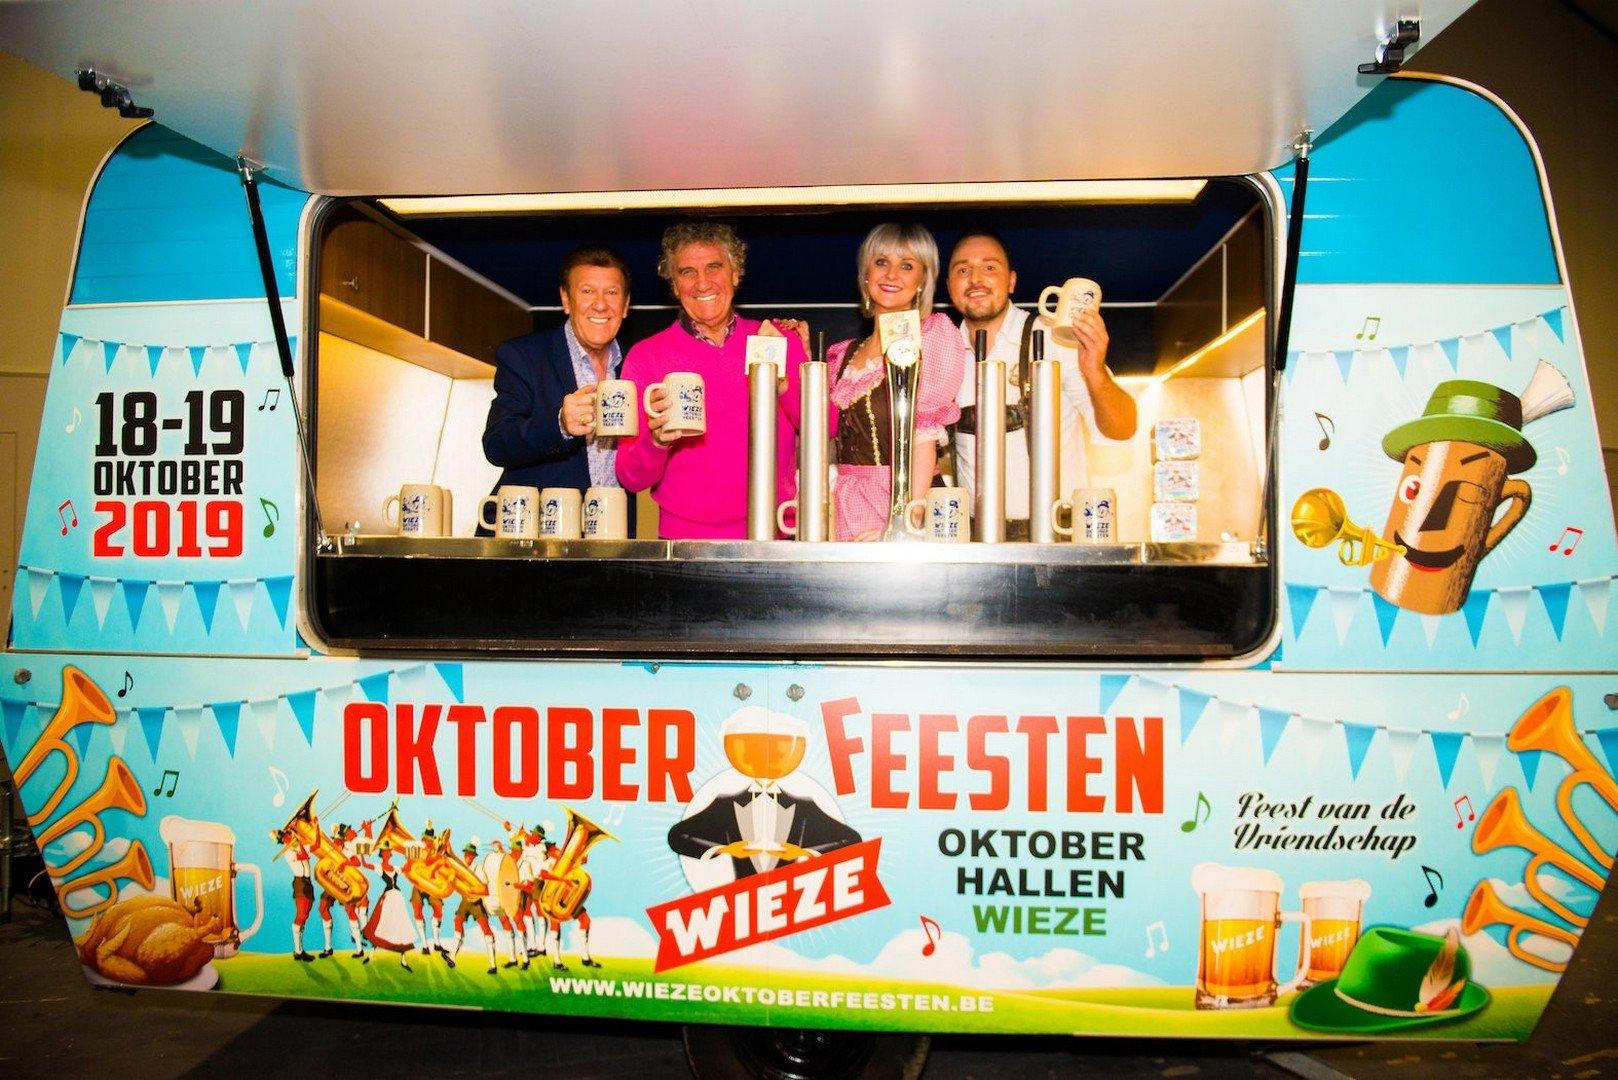 Wieze Oktoberfeesten keren na terug op 18 en 19 oktober 2019 - Wieze oktoberfeesten 3